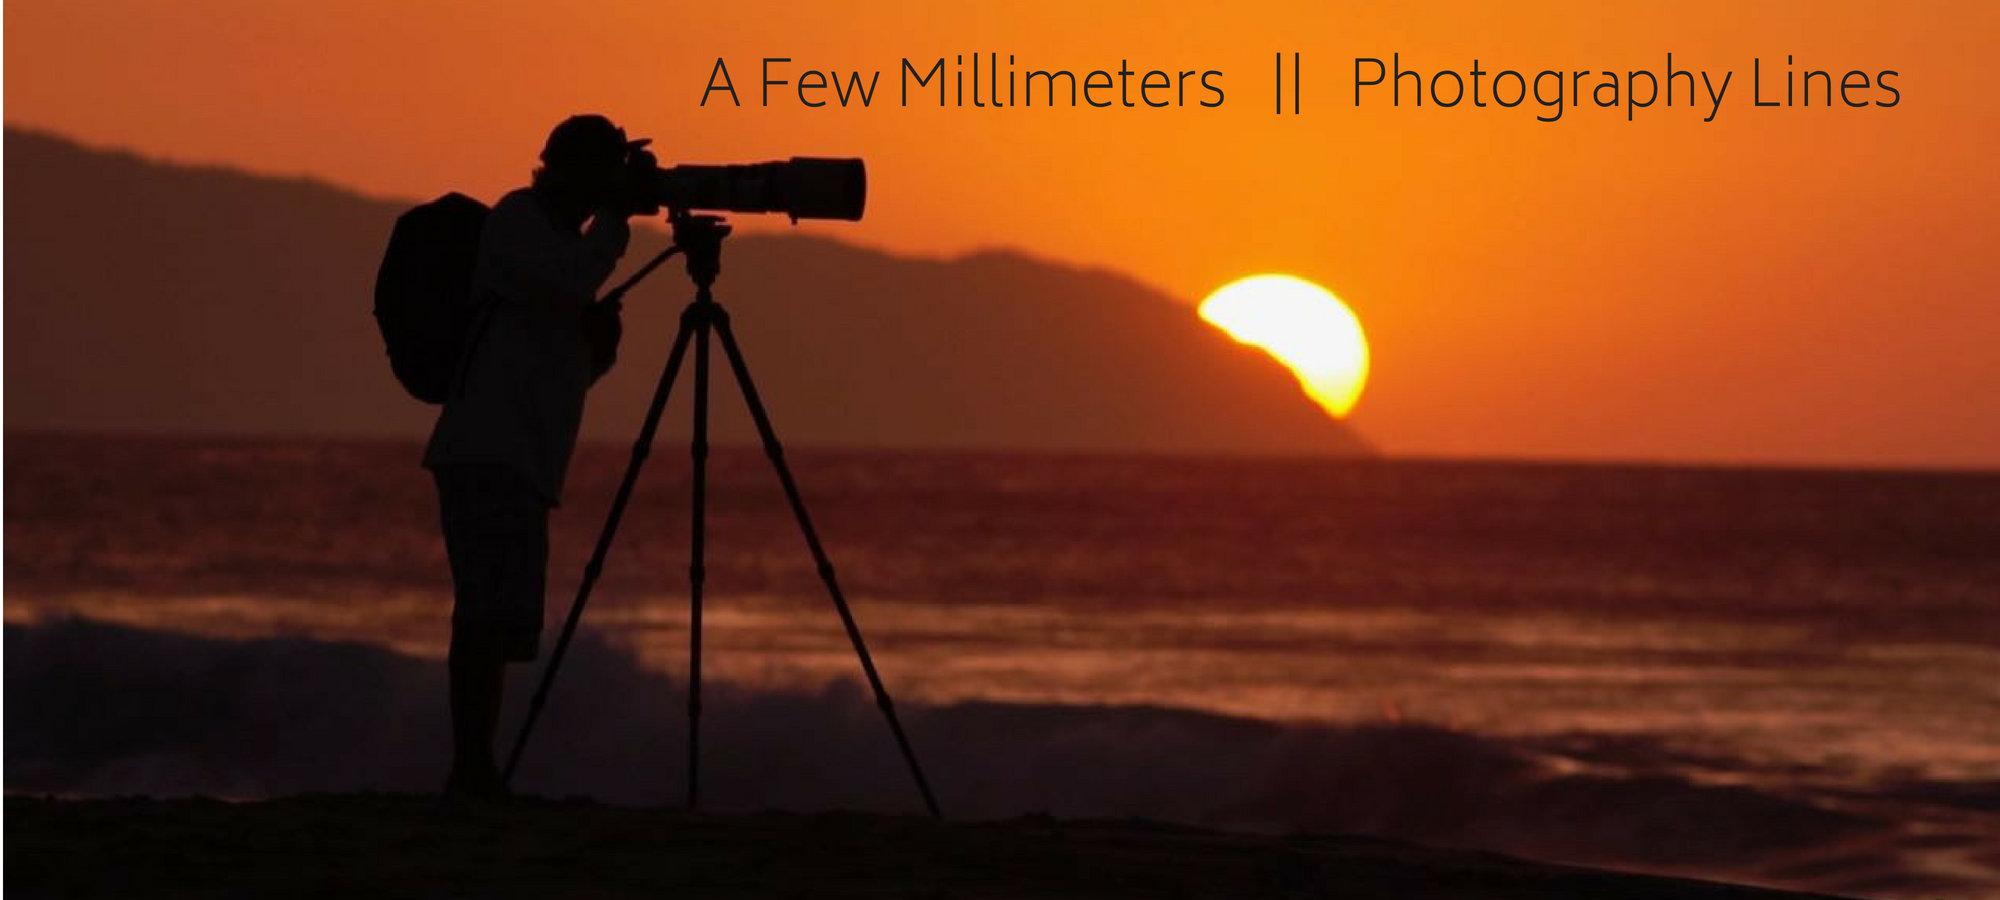 Linha colaborativa com fotógrafos.